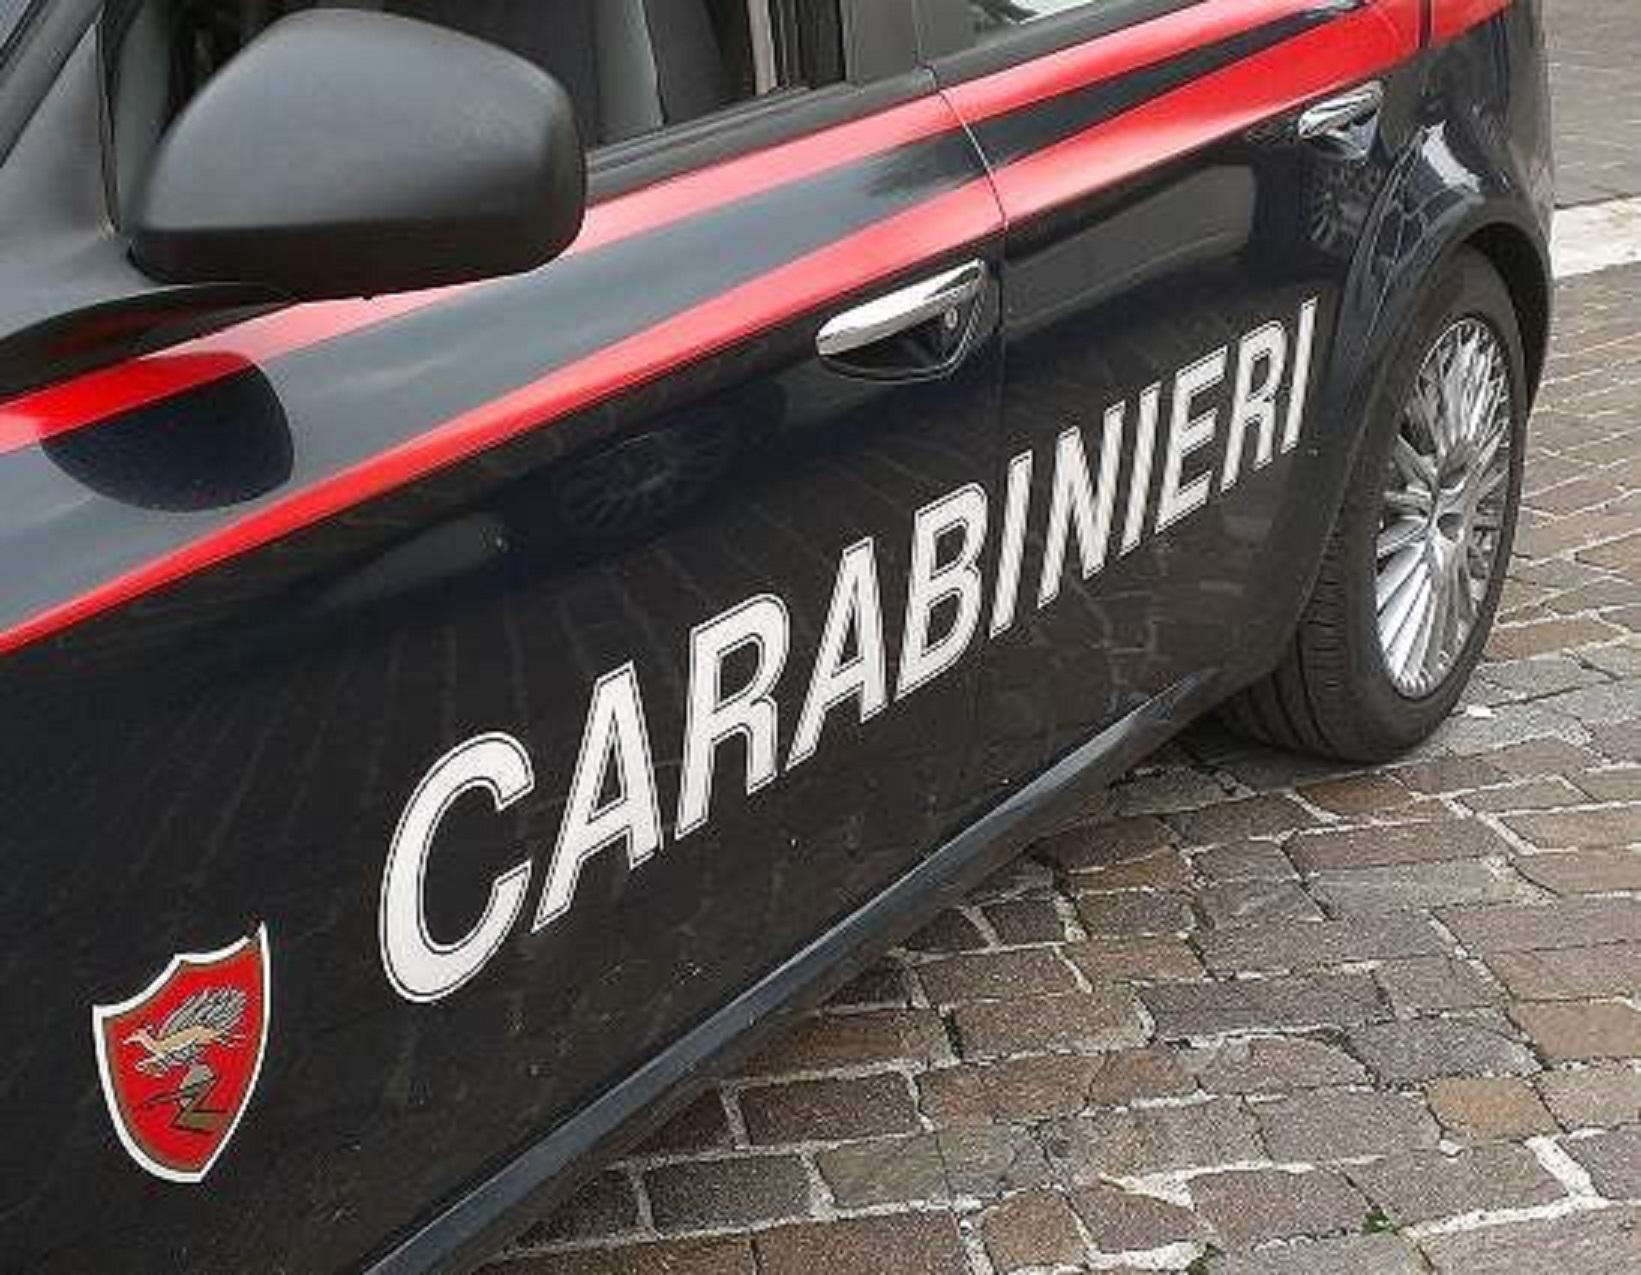 Trovato in possesso di cocaina, marijuana e hashish. Carabinieri arrestano pusher 21enne